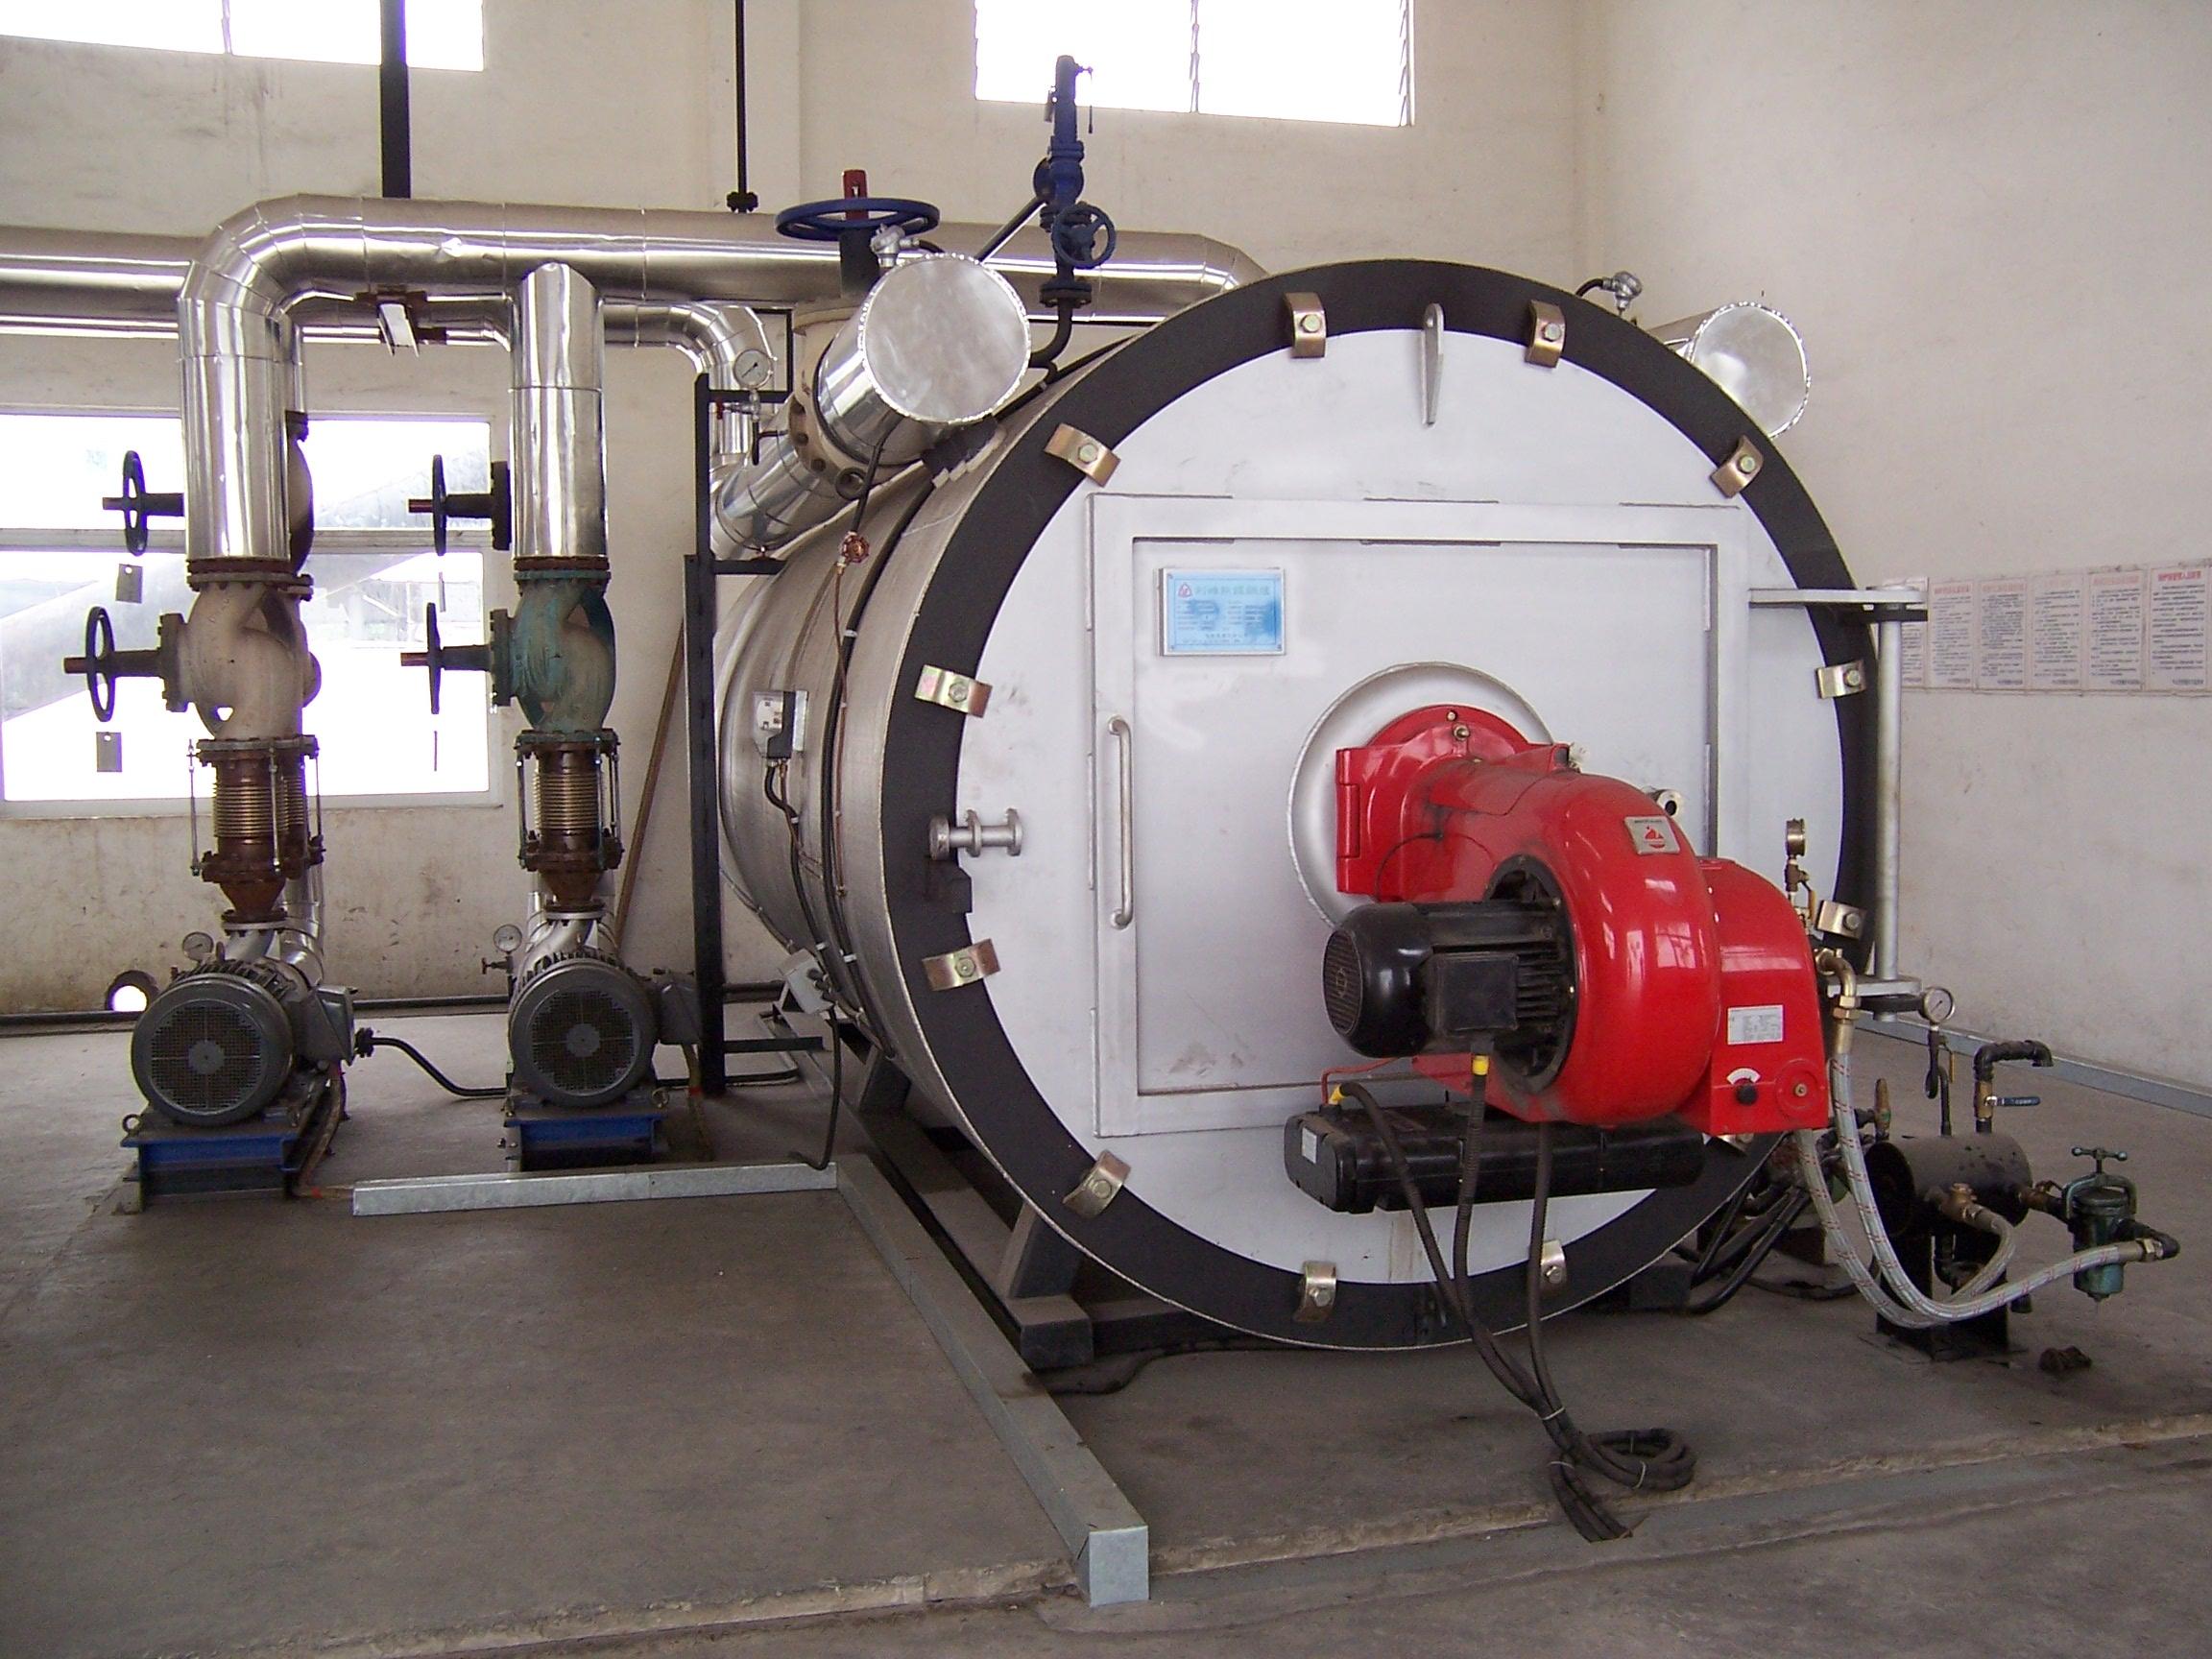 在塑料、橡胶工业中,主要用于热压、热延、挤压、捏合、密炼、硫化成型、喷射注塑机、胶浆搅拌机、传送带烘干机、螺杆挤压机及模具的加热和保温。 在脂肪和油漆工业中,主要用于高压釜、干燥机、蒸馏灌、蒸发设备、油漆烘干、烘烤、干燥及高温固化的加热。 在木材工业中,主要用于纤维板、刨花板、层压板、胶合板、饰面板的热压成型及木材烘干设备、干燥设备、涂面设备及胶合机的加热。 在建材工业中,主要用于石膏板烘干、混凝土构件凝固保护及预制生产、瓷砖压模、装饰材料烘干及油毡生产线用热。 在筑路工程中,主要用于沥青加热、溶解、沥